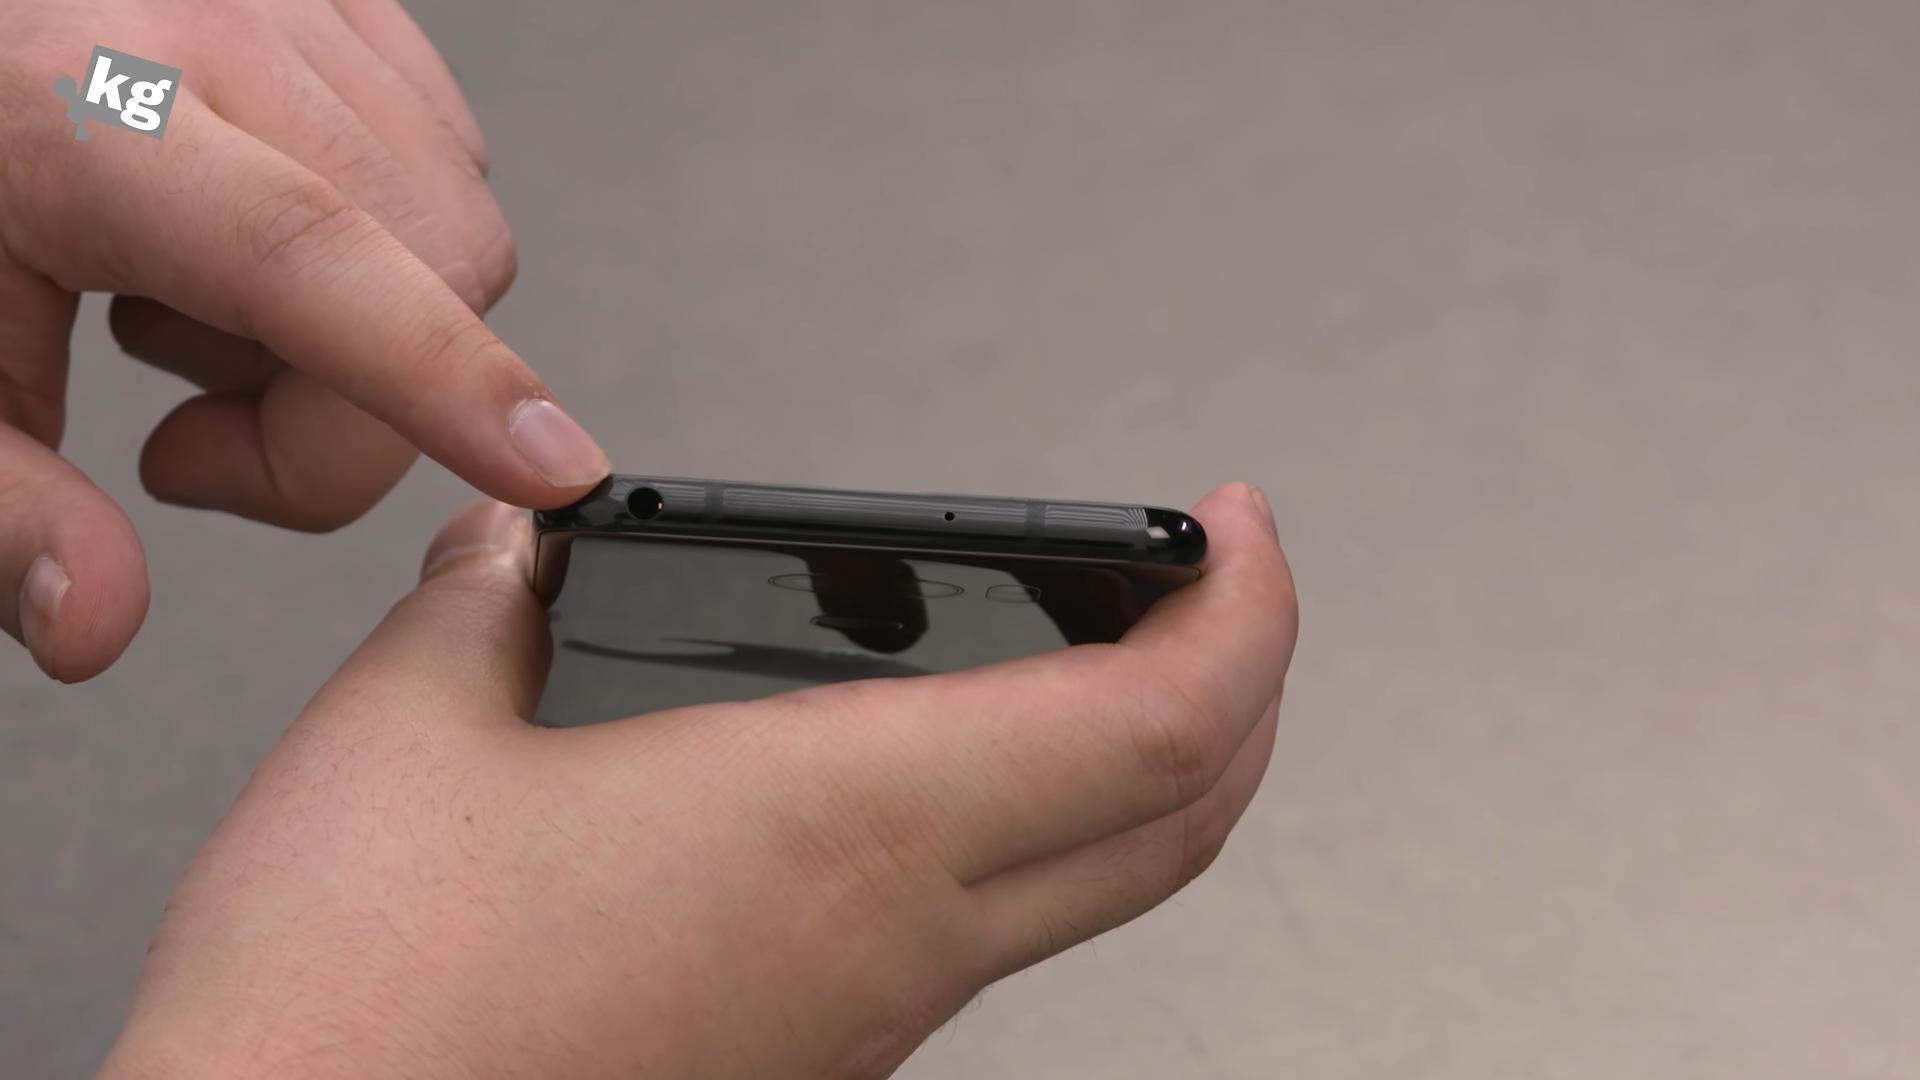 Sforum - Trang thông tin công nghệ mới nhất LG-Signature-Edition-21 Mở hộp V30 Signature Edition: Smartphone giá 2000 USD của LG